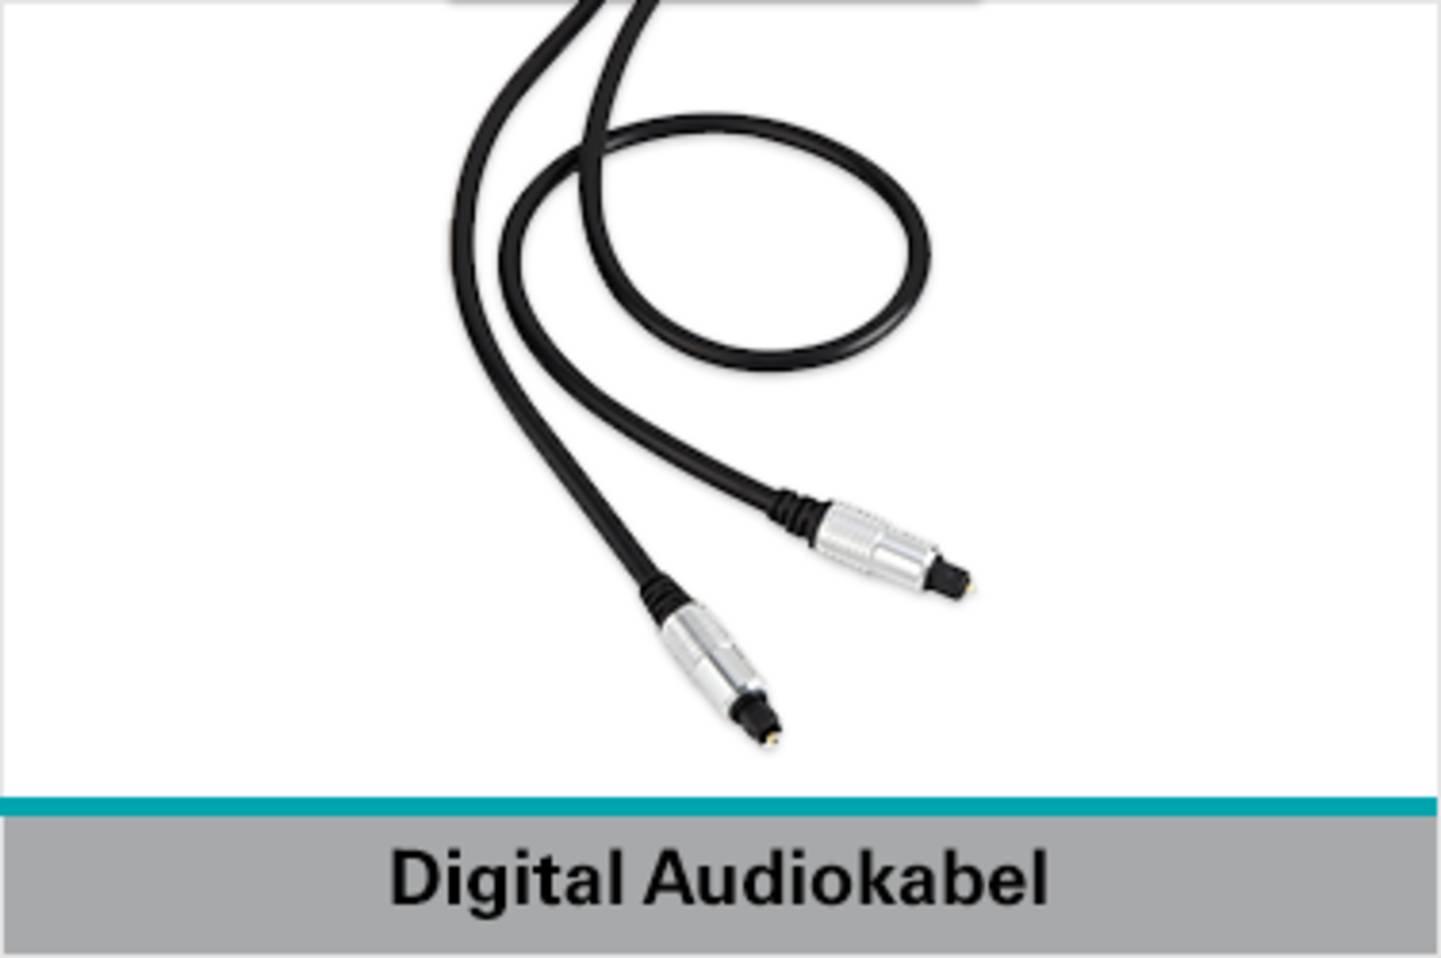 Speaka Professional Digital Audiokabel